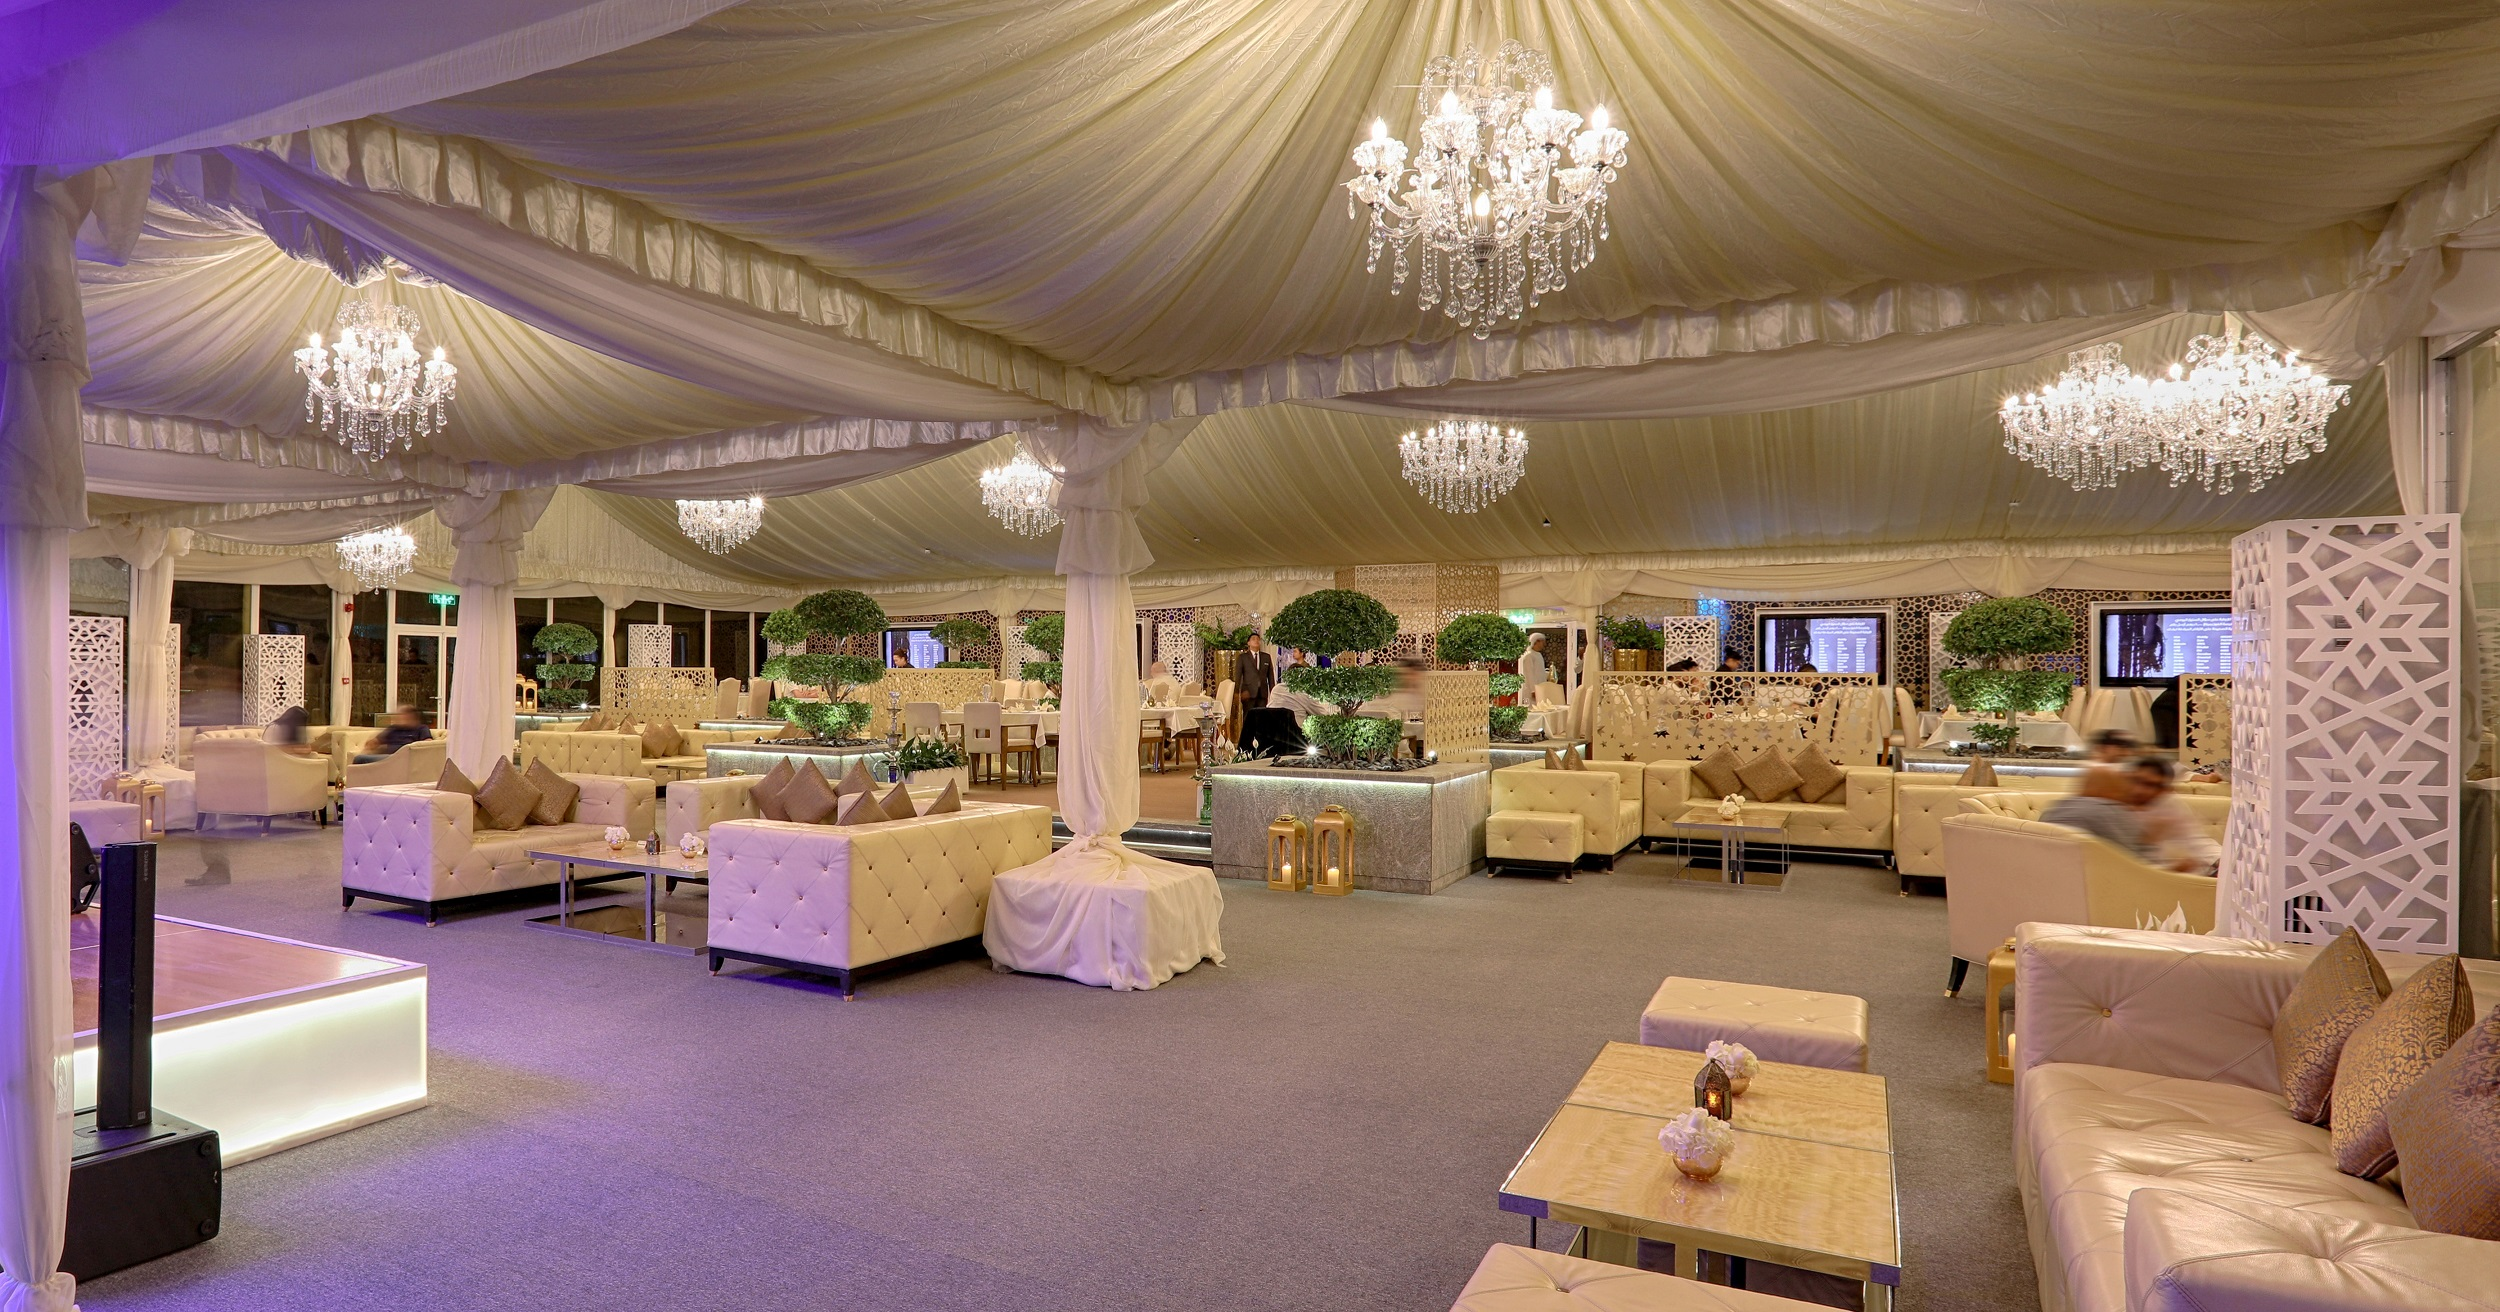 خيمة فندق الميدان الرمضانية